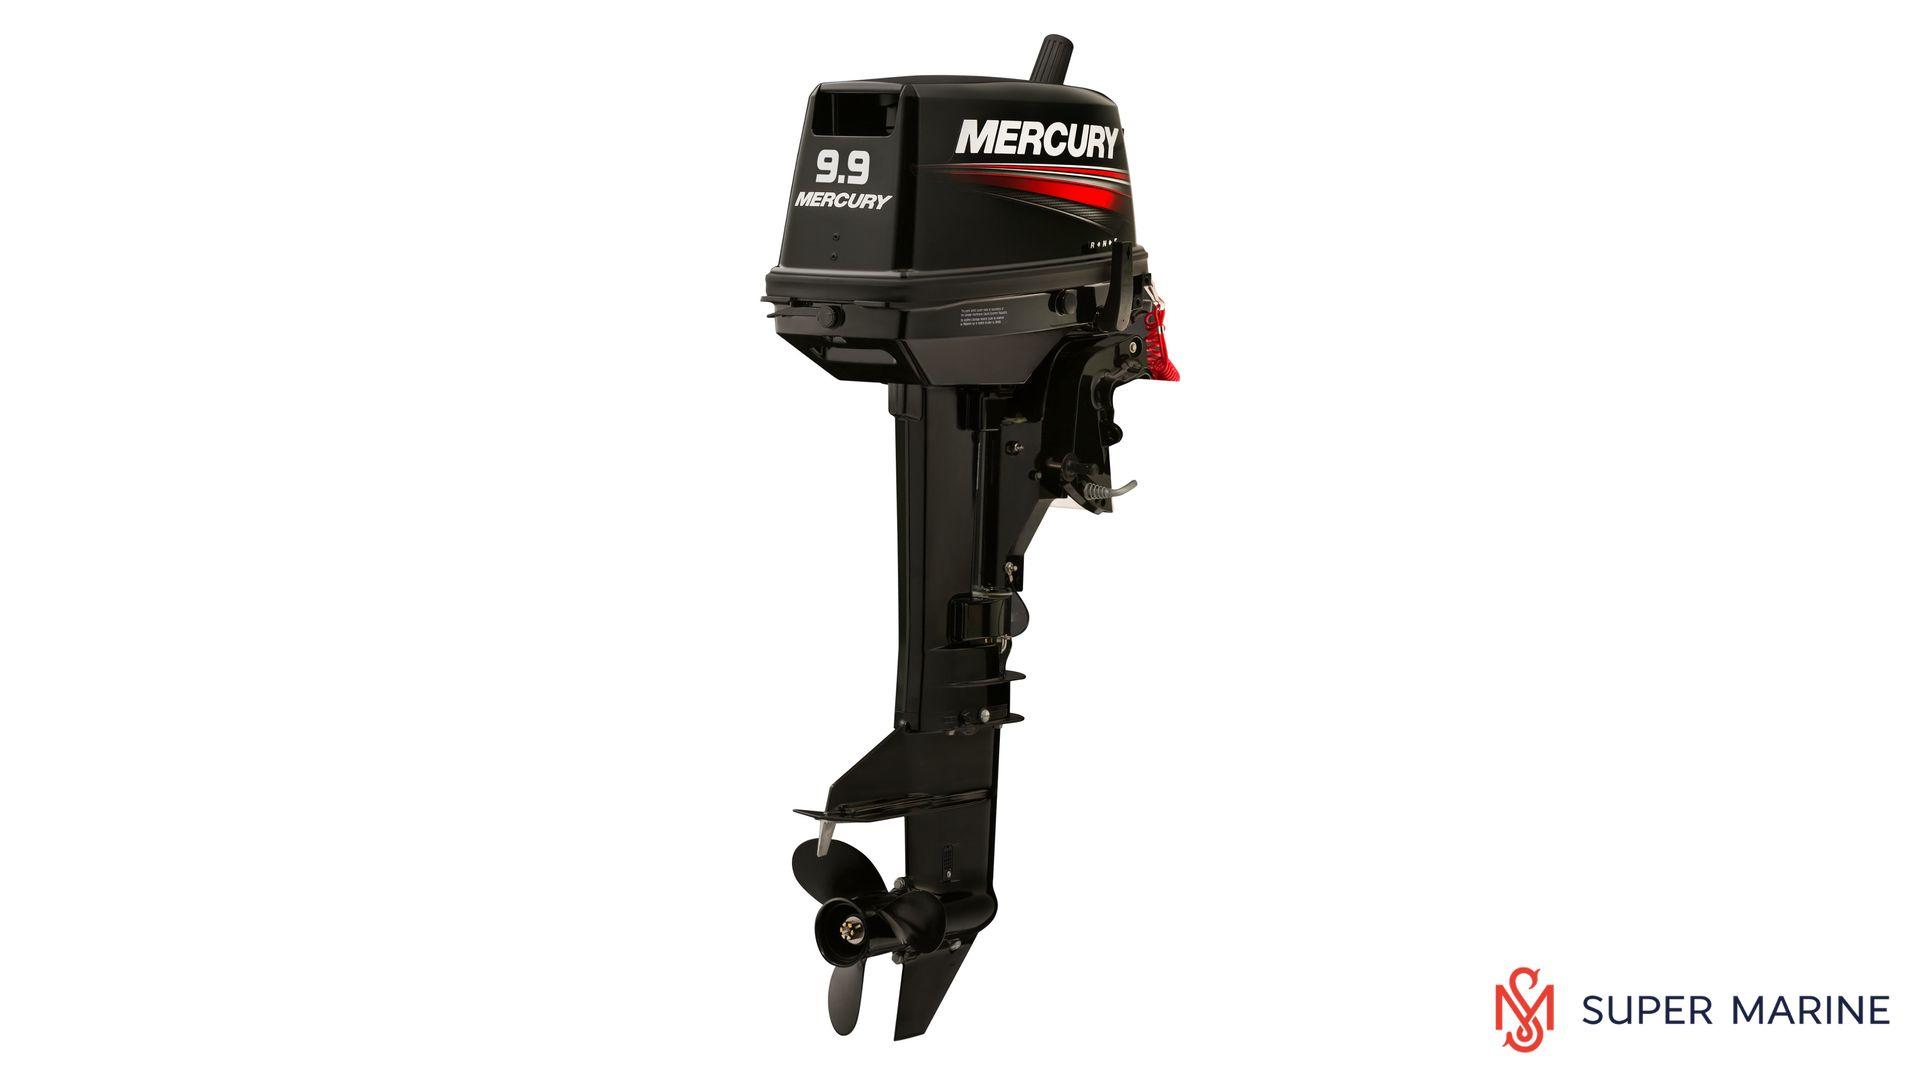 Двухтактный лодочный мотор MERCURY 9.9 MH 169CC - 1